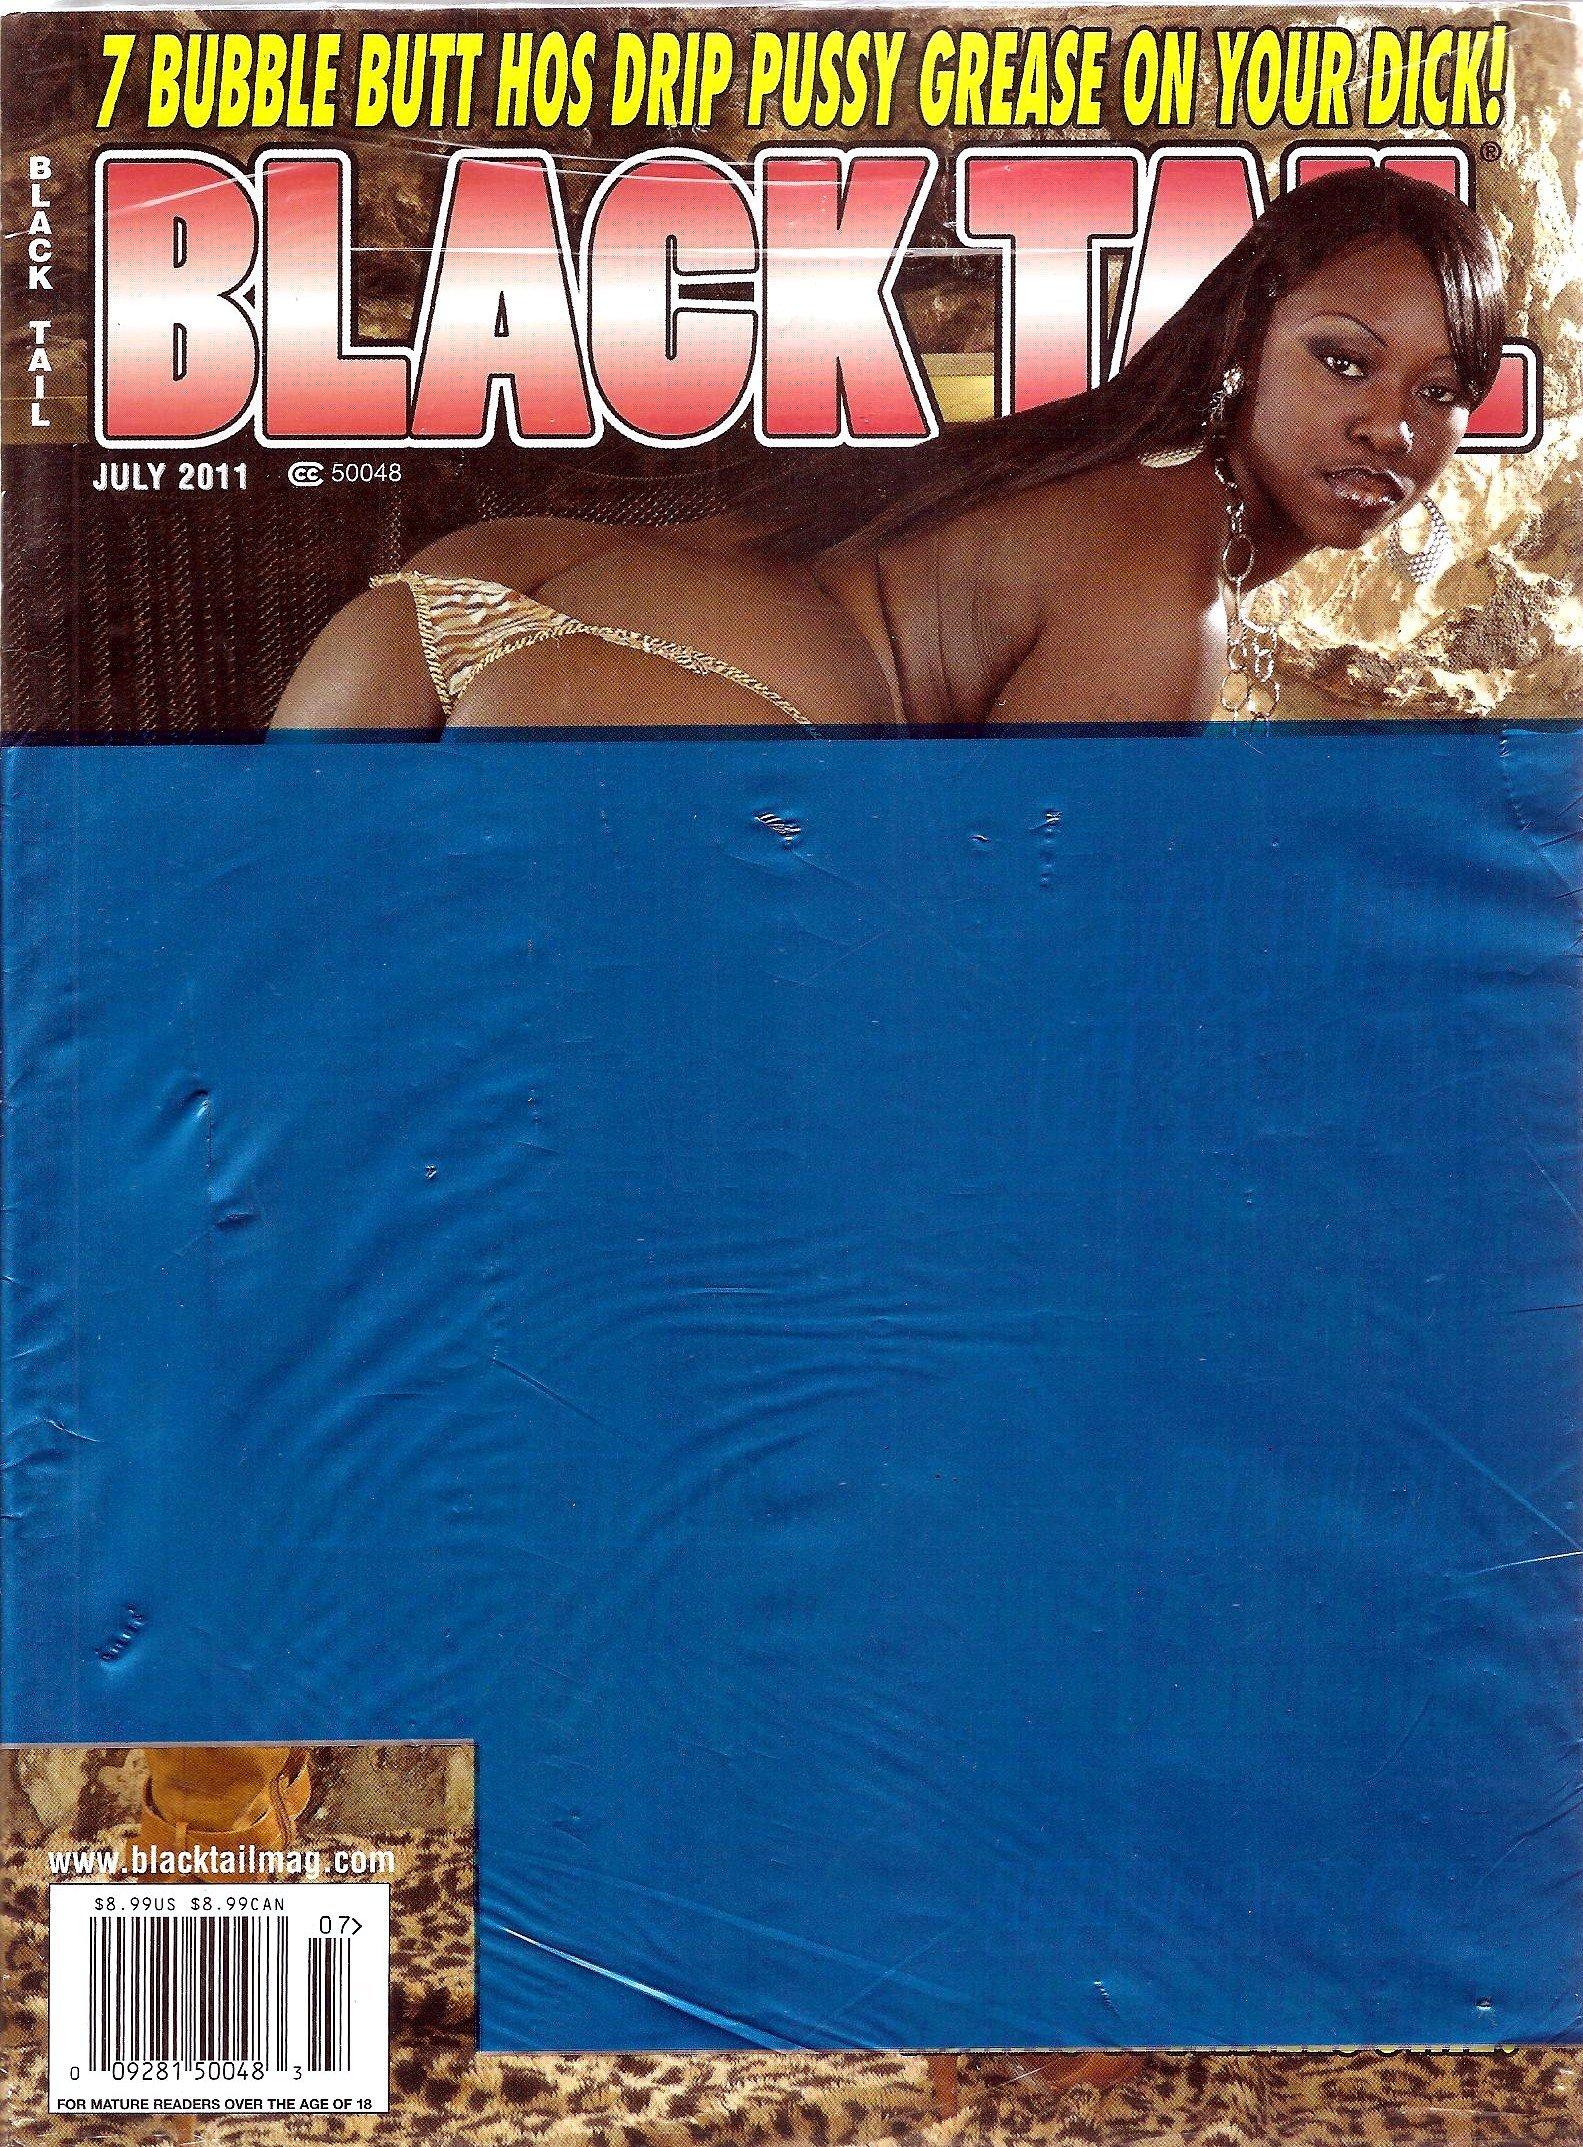 Download BLACK TAIL JULY 2011 7/11 PDF